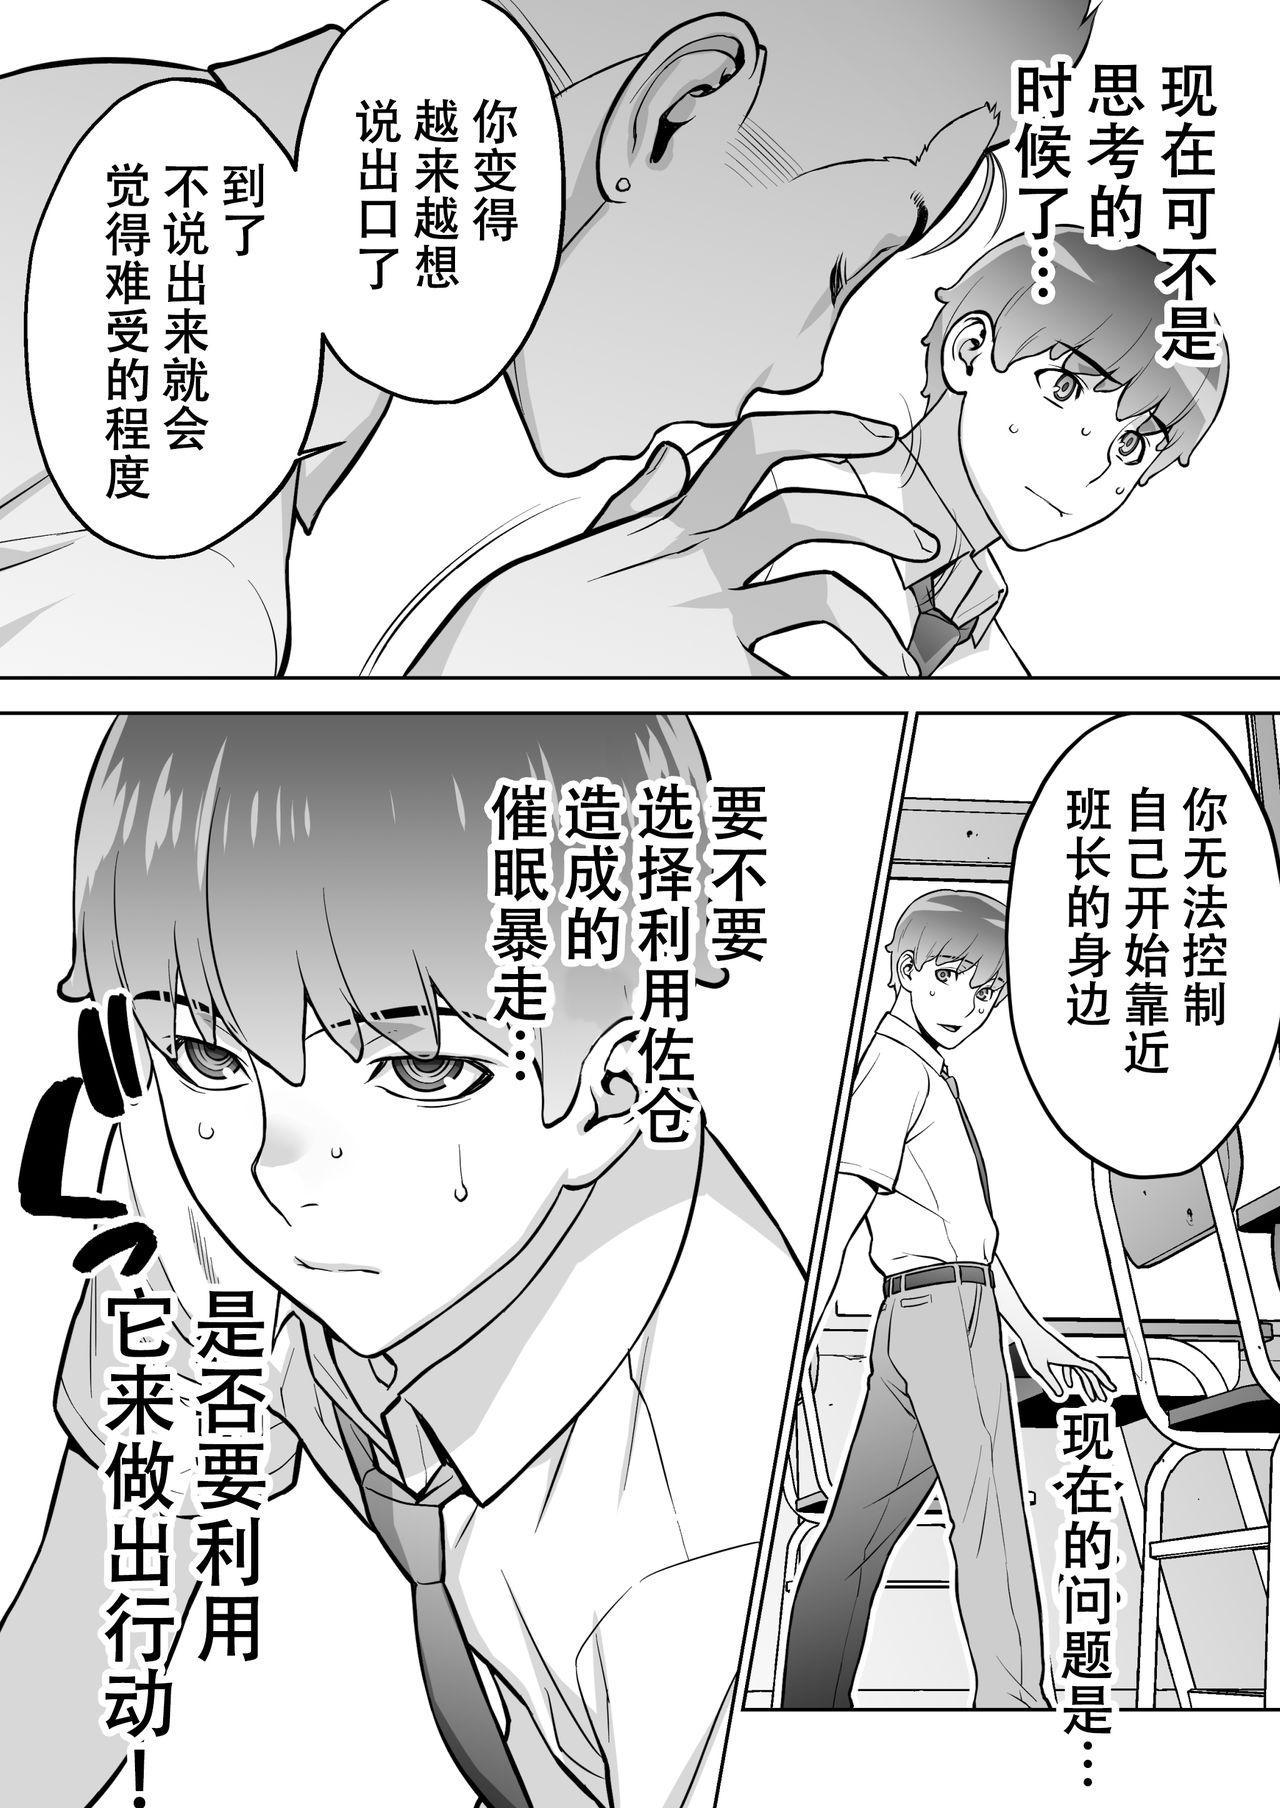 Iinchou wa Saimin Appli o Shinjiteru. 29